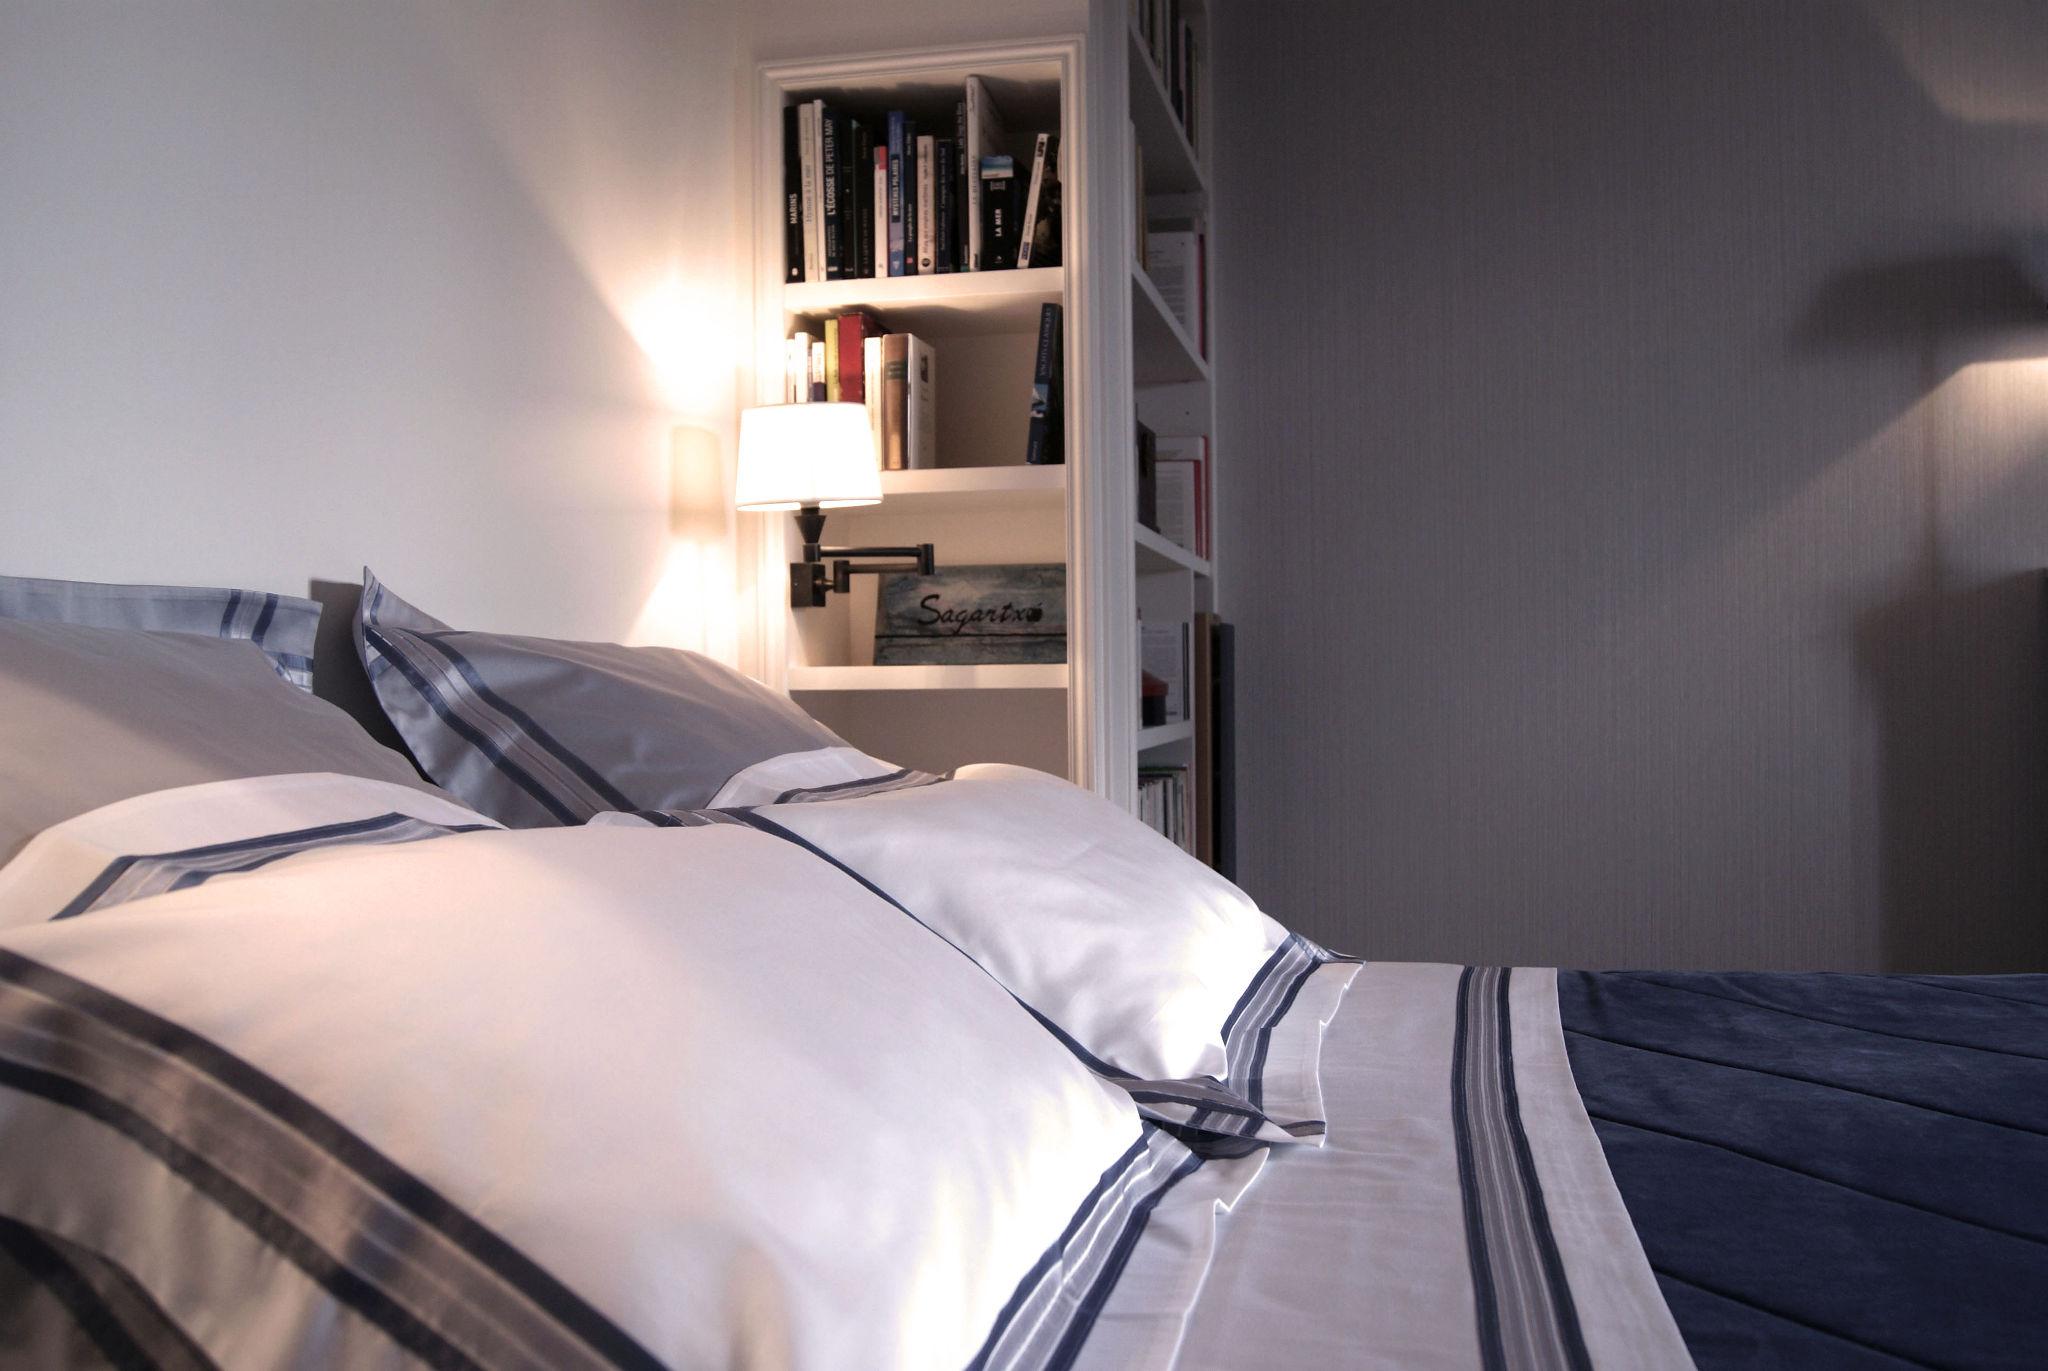 Suite parentale - Tête de lit et rangements